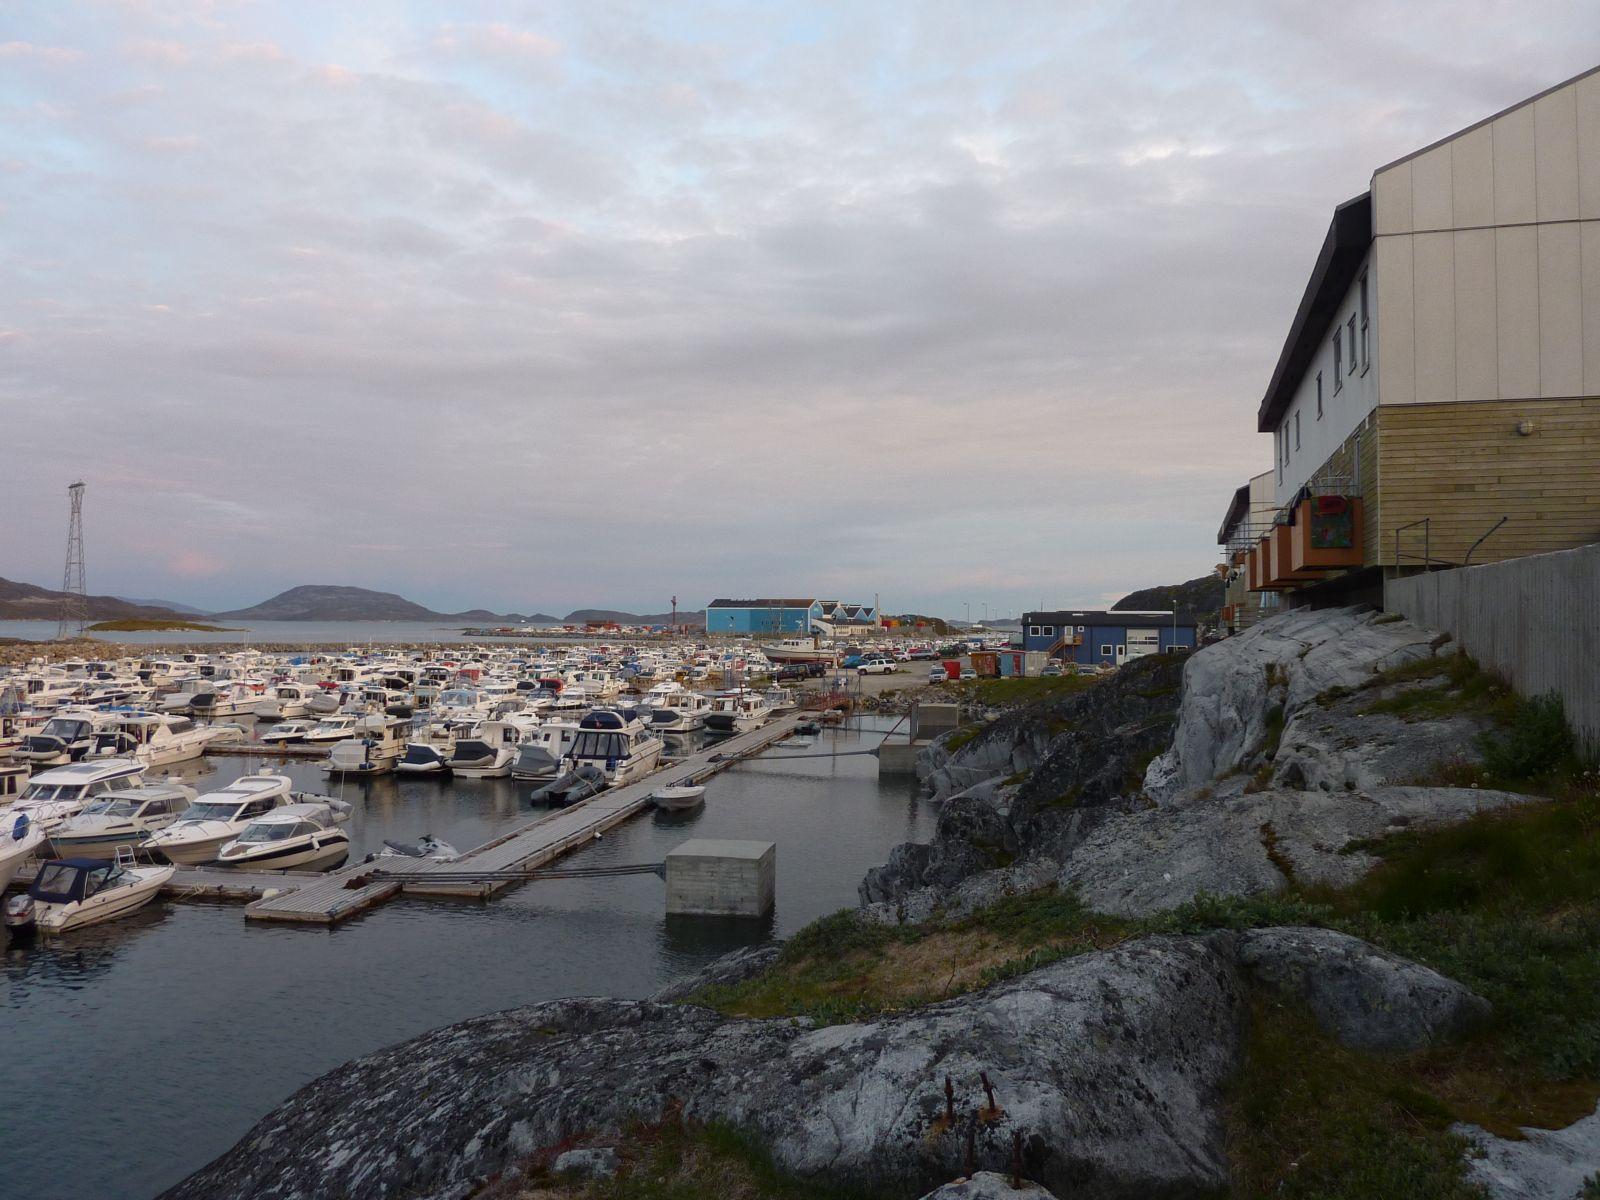 2010-07-15-2257_-_Båd; Bådebro; Iggia_2